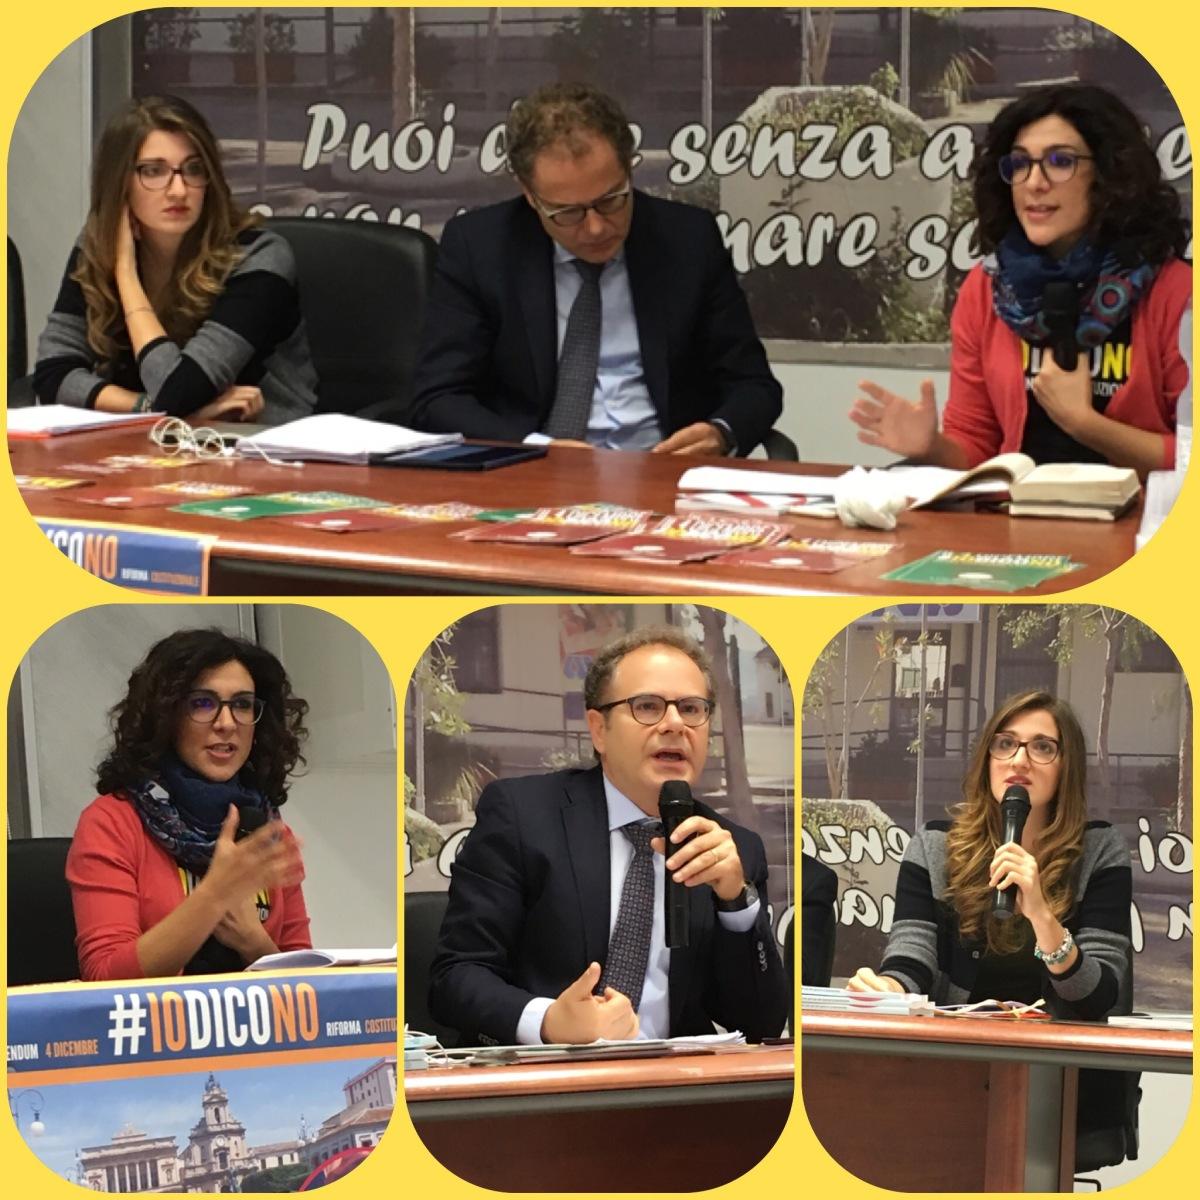 Vittoria, Conferenza Sala Avis#Iodicono